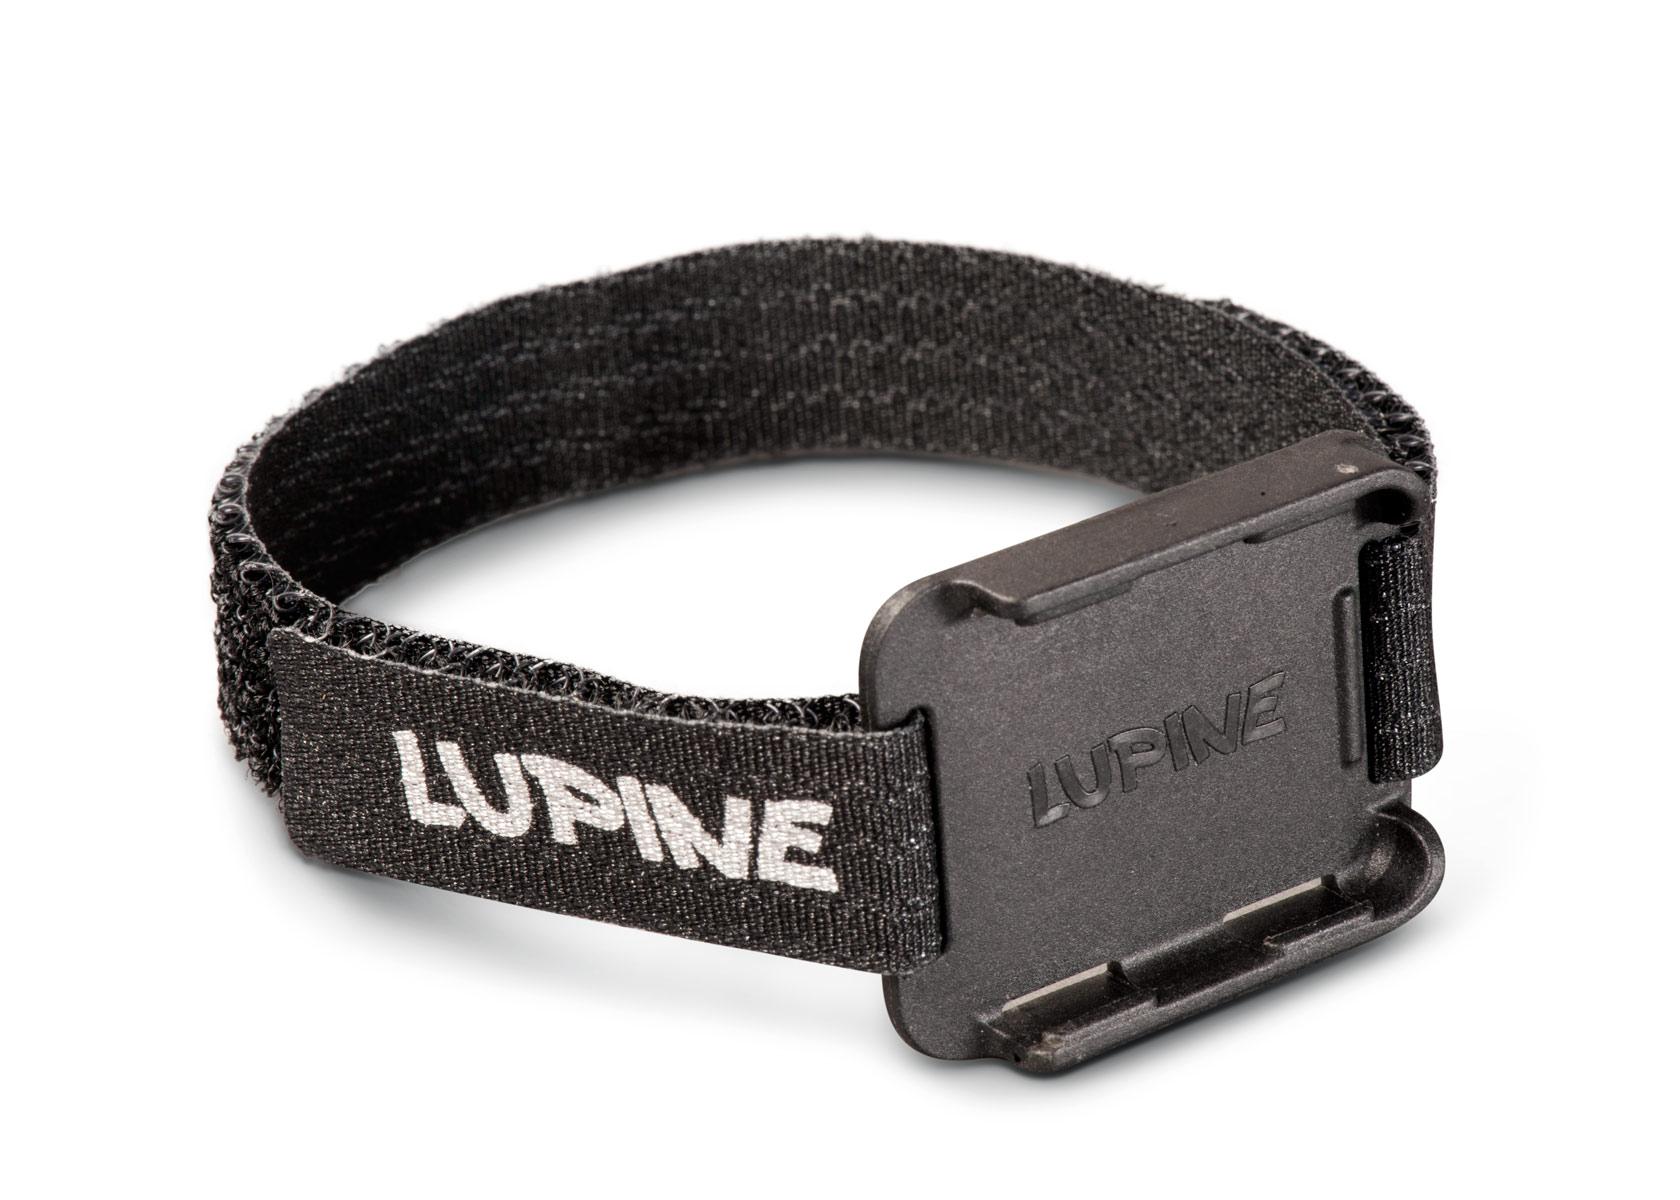 Bracelet mount for remote control